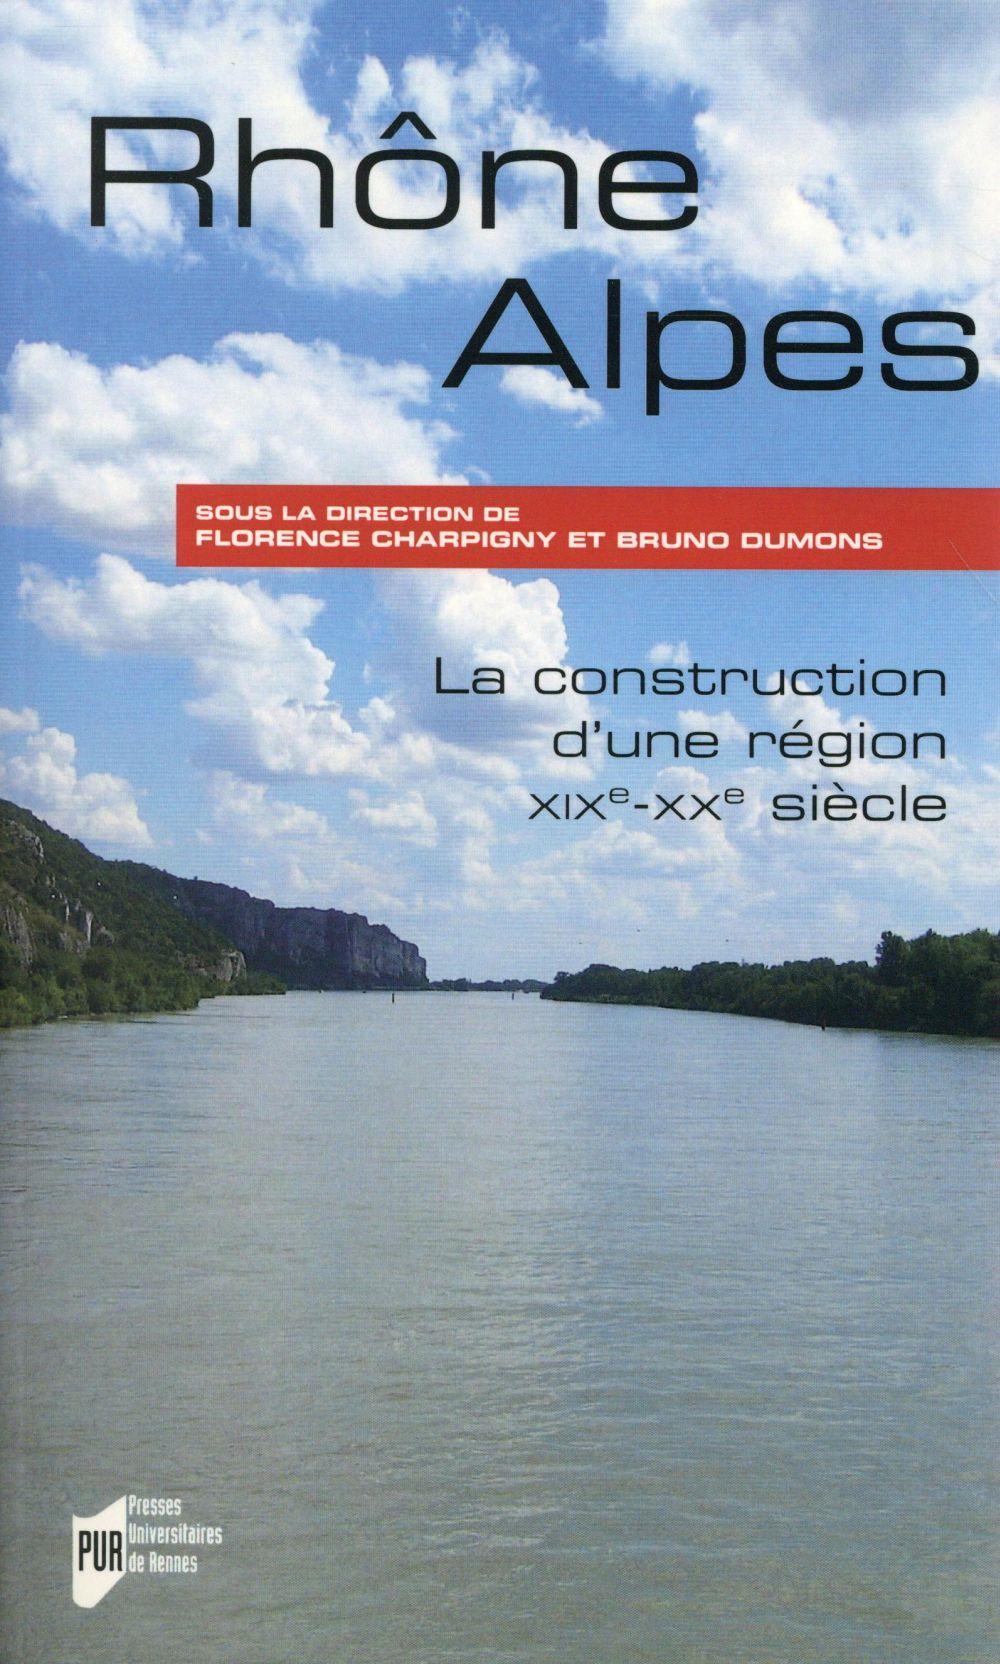 Rhône-Alpes, la construction d'une région, XIXe-XXe siècle